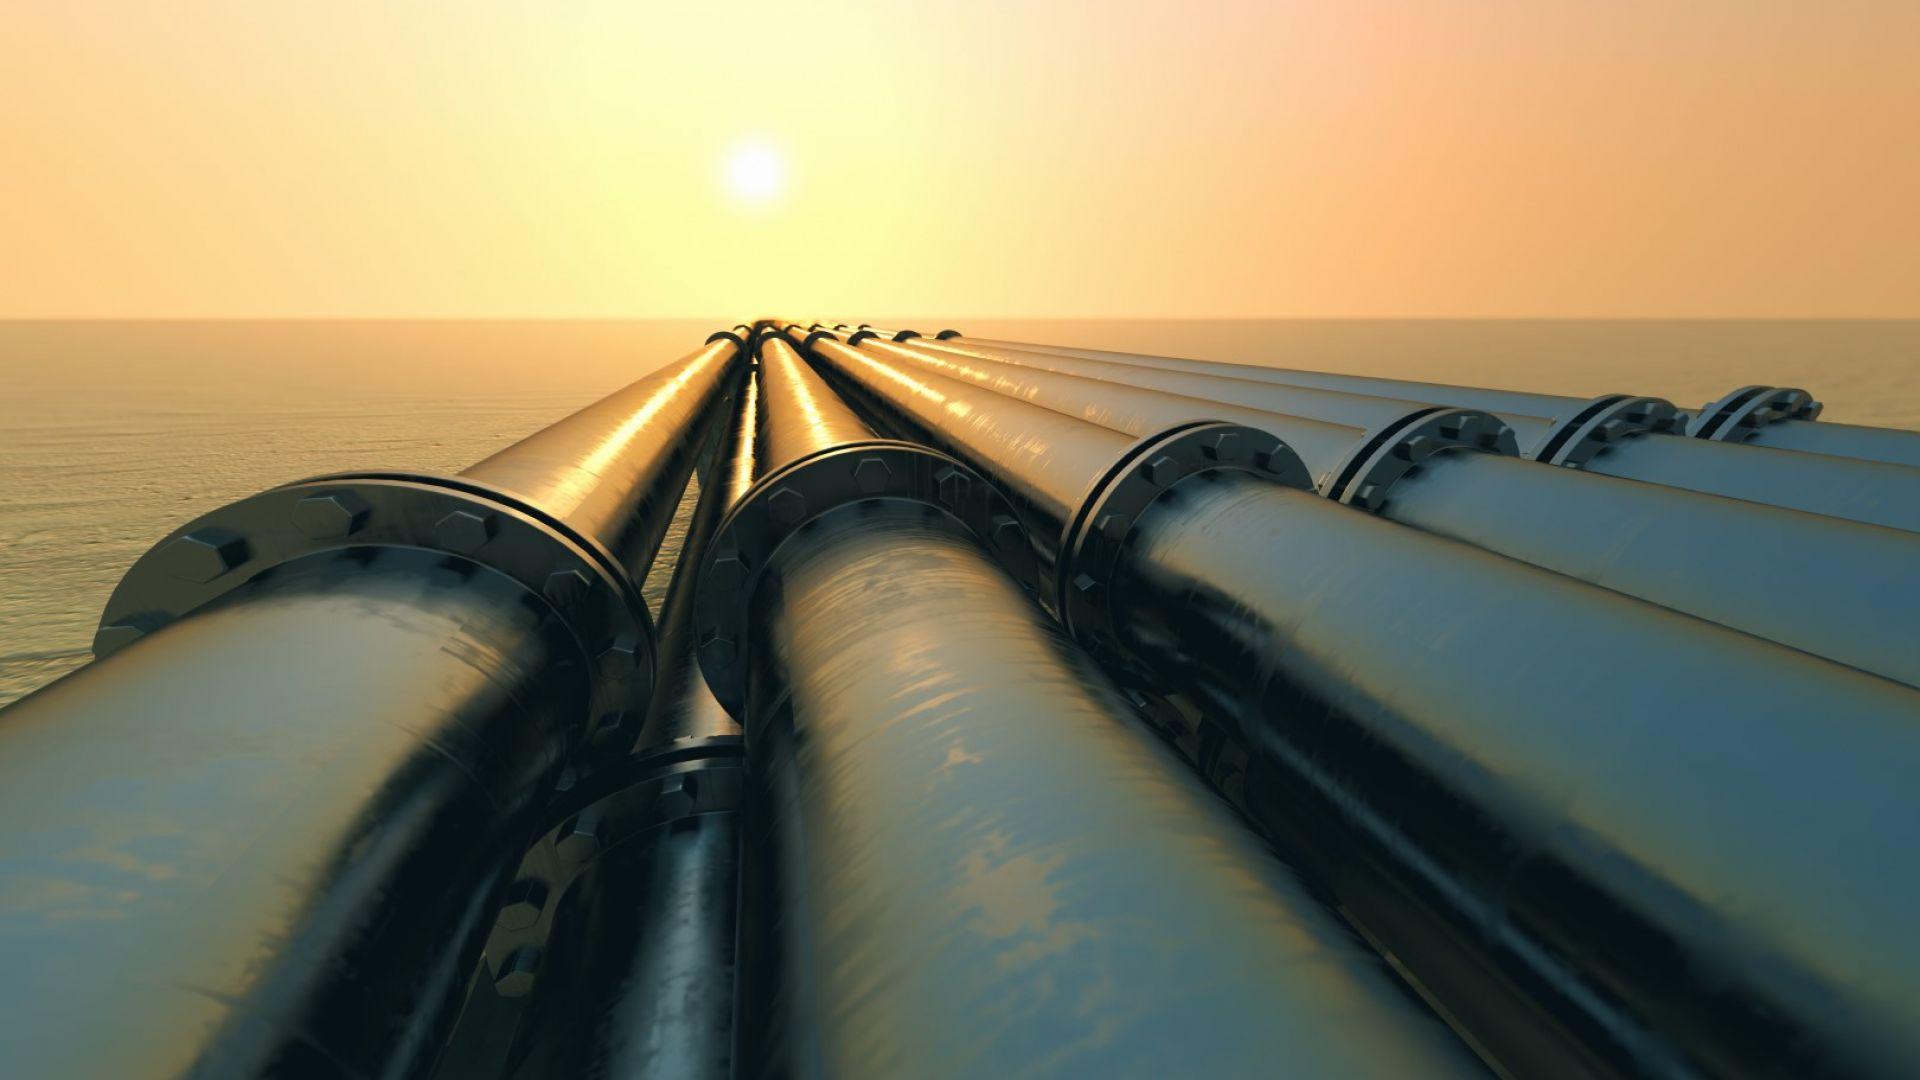 САЩ обявиха план за съкращаване на доставките на руски газ за ЕС